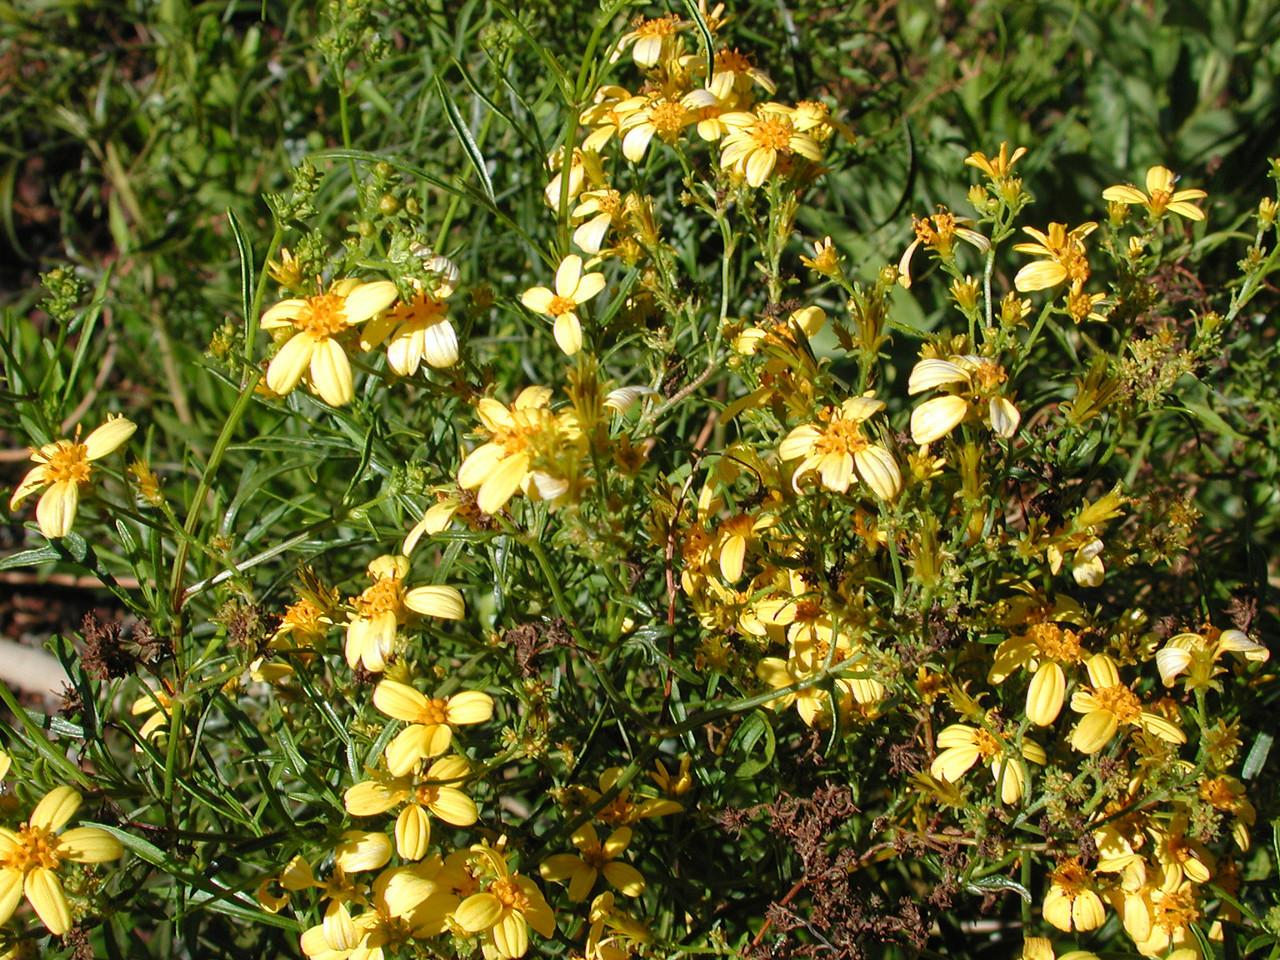 Bidens menziesii subsp. filiformis